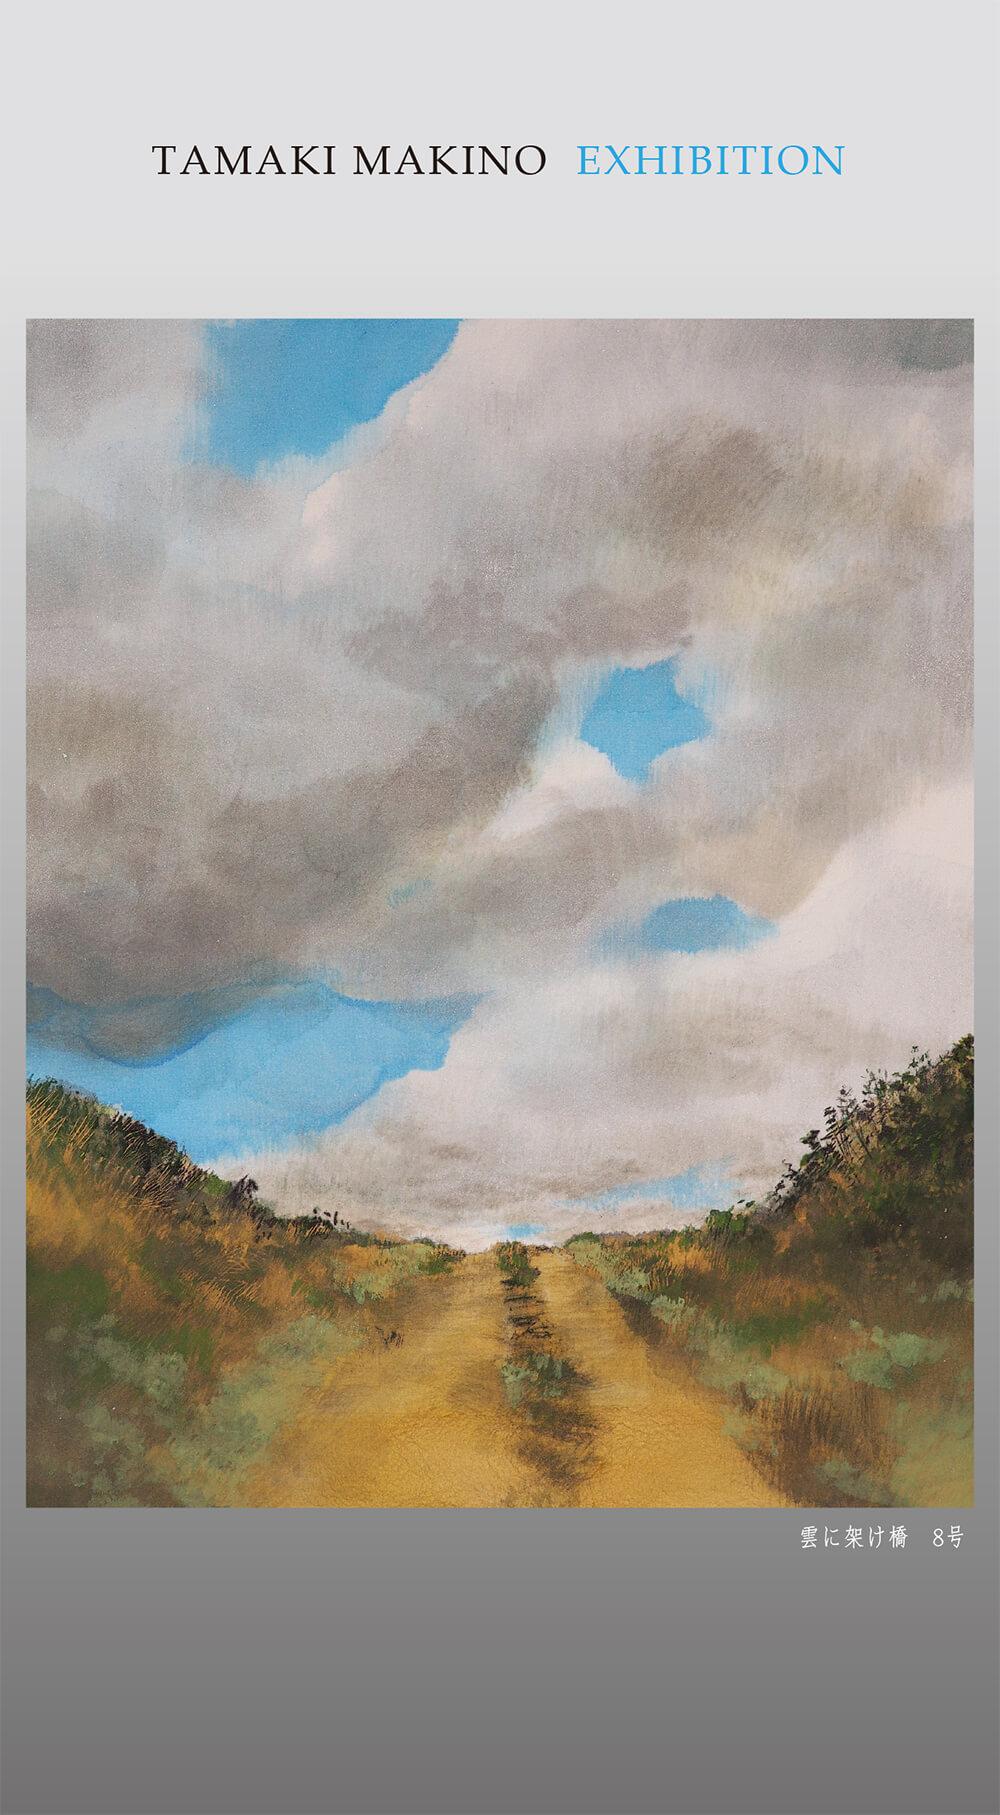 2021年10月22日から開催の「私の庭 牧野 環 日本画展」のdm画像